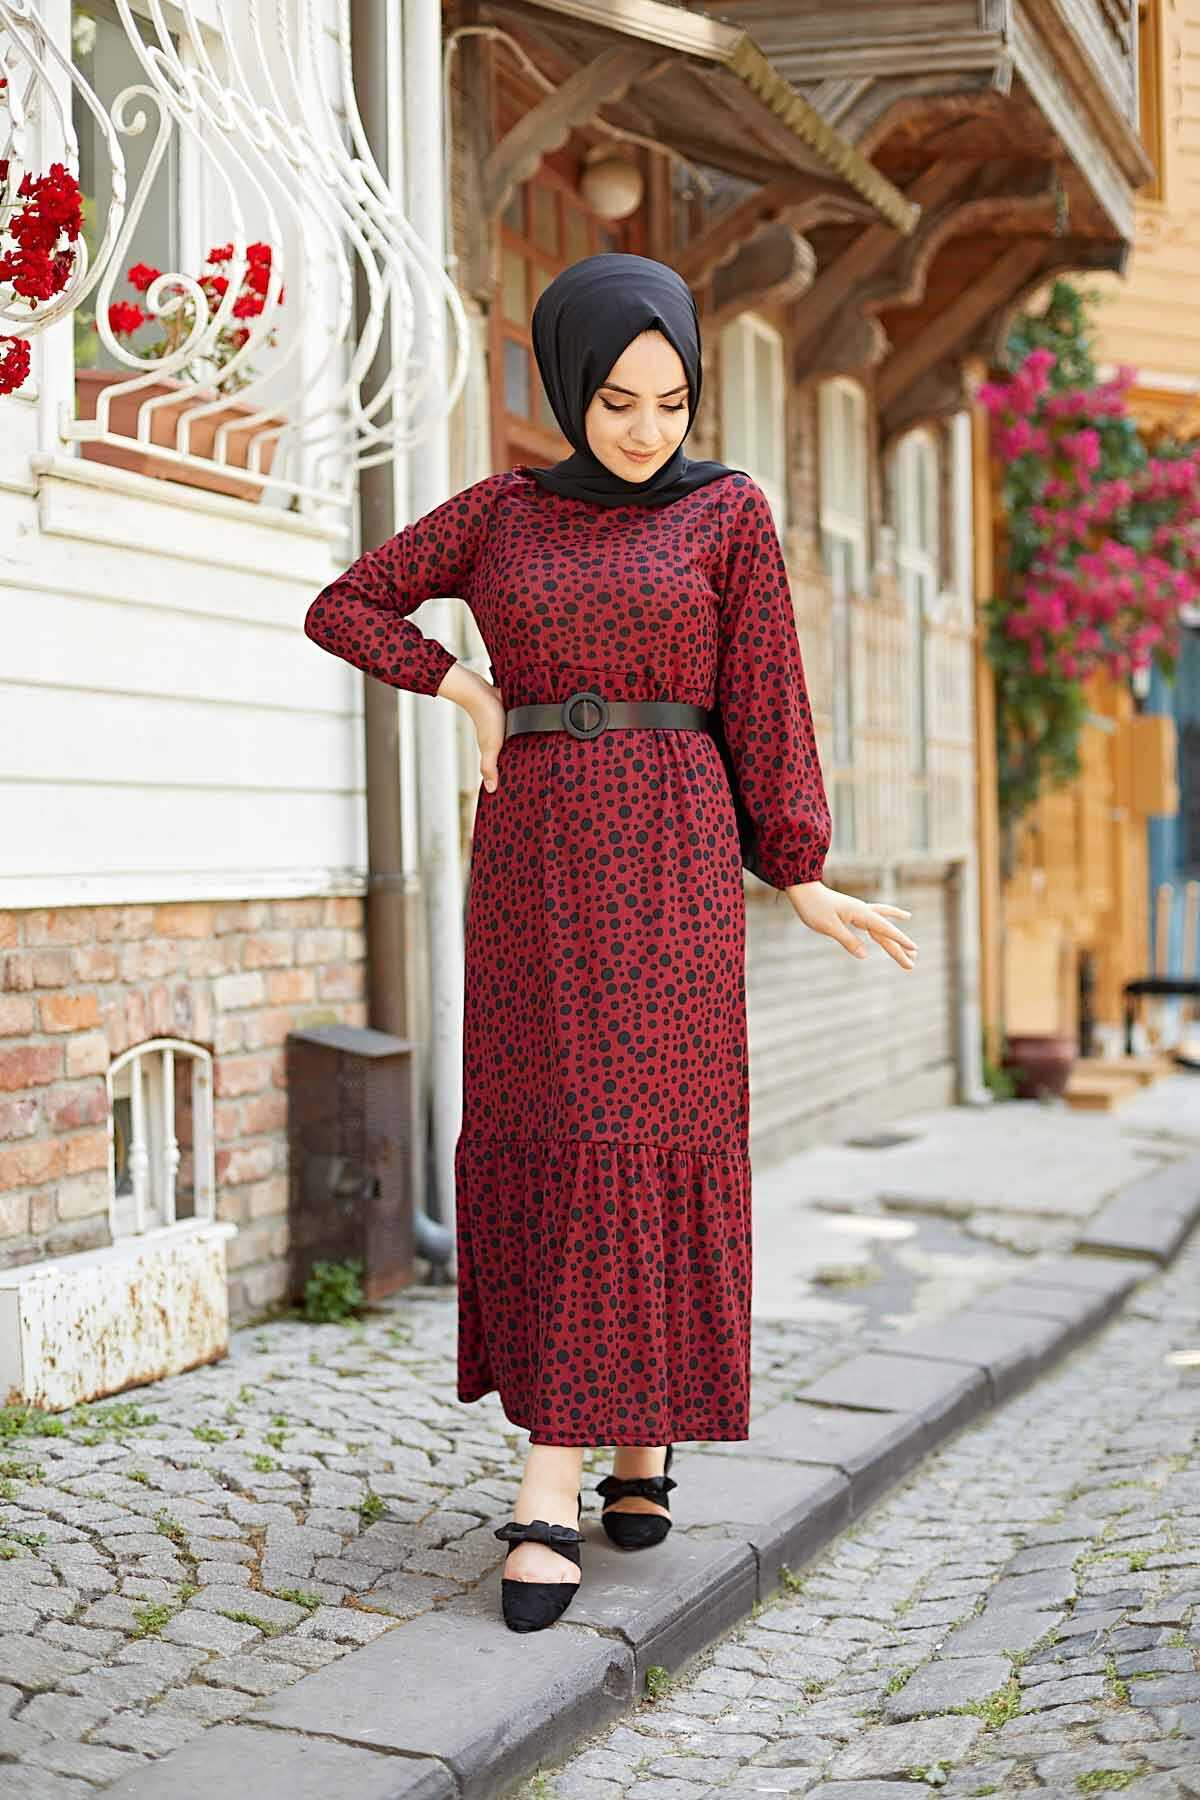 Hf Moda Tesettür Yazlık Elbise Modelleri